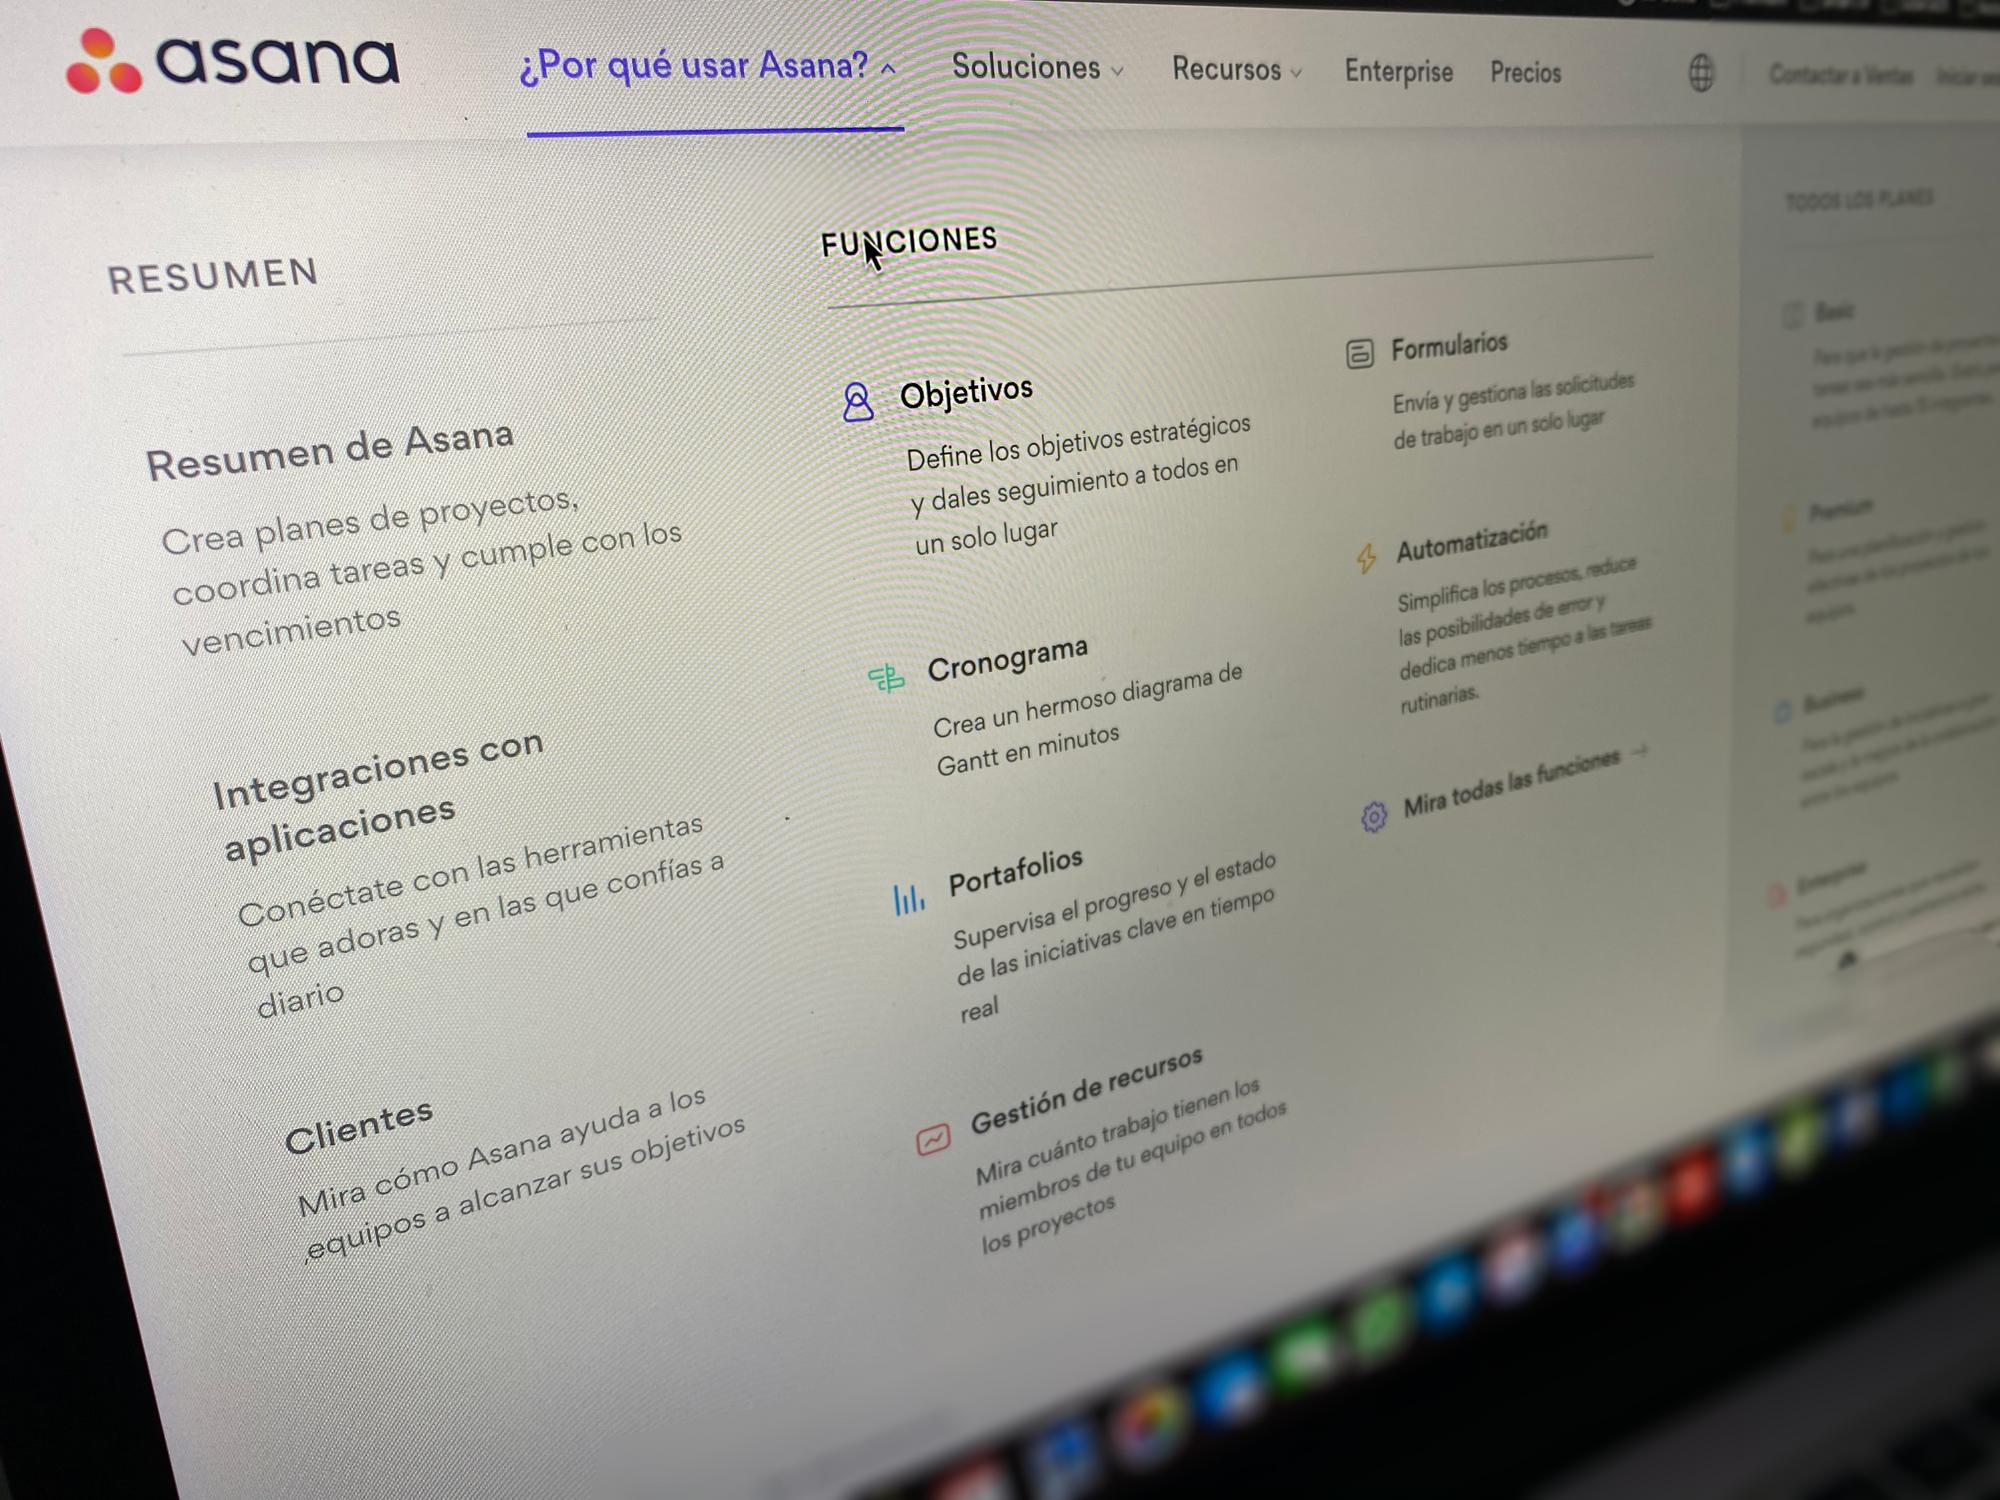 Asana: Tu gestor de proyectos empresarial para sobrellevar el teletrabajo